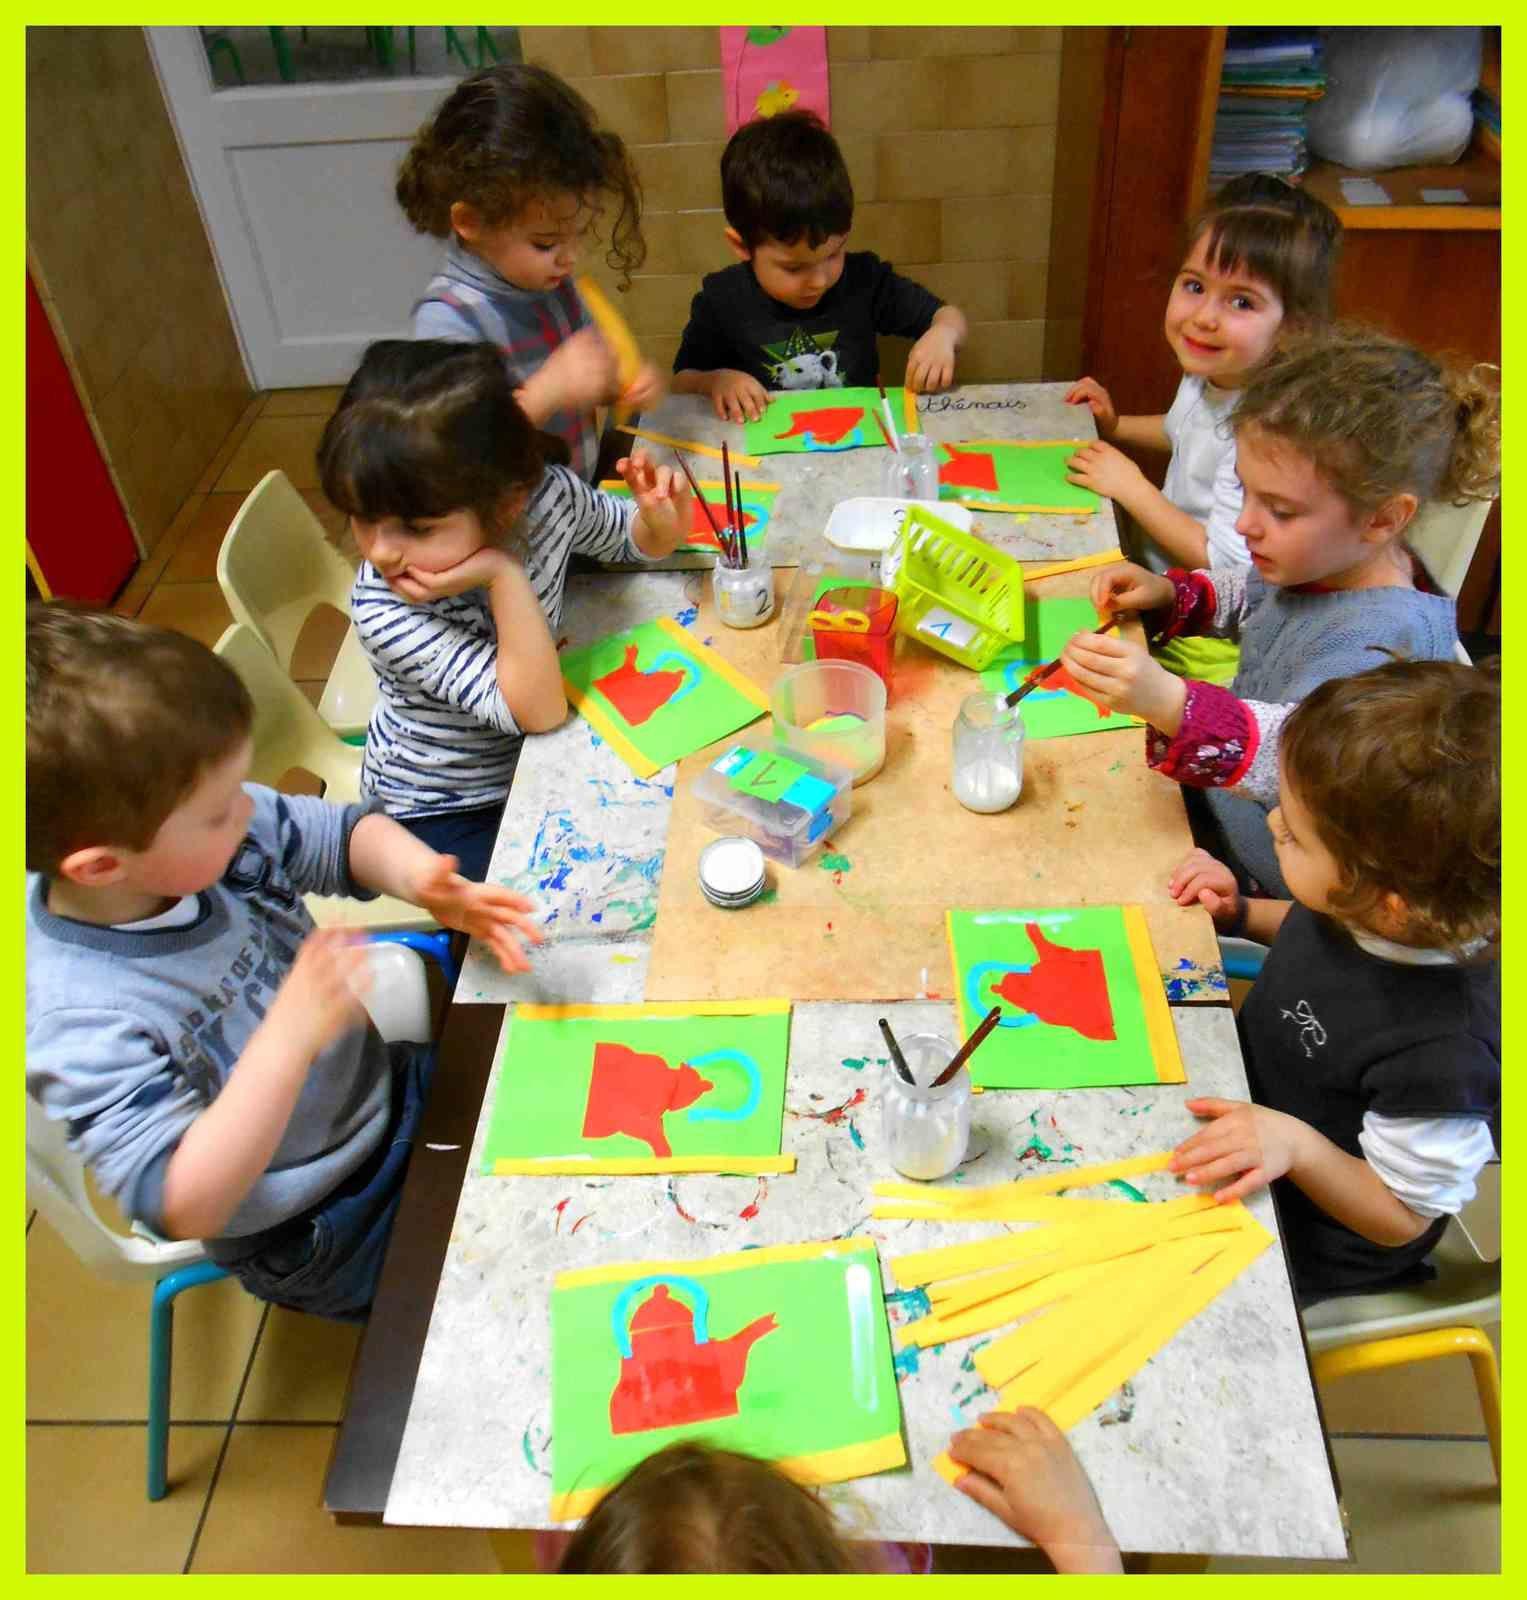 Les enfants de petite section de maternelle.